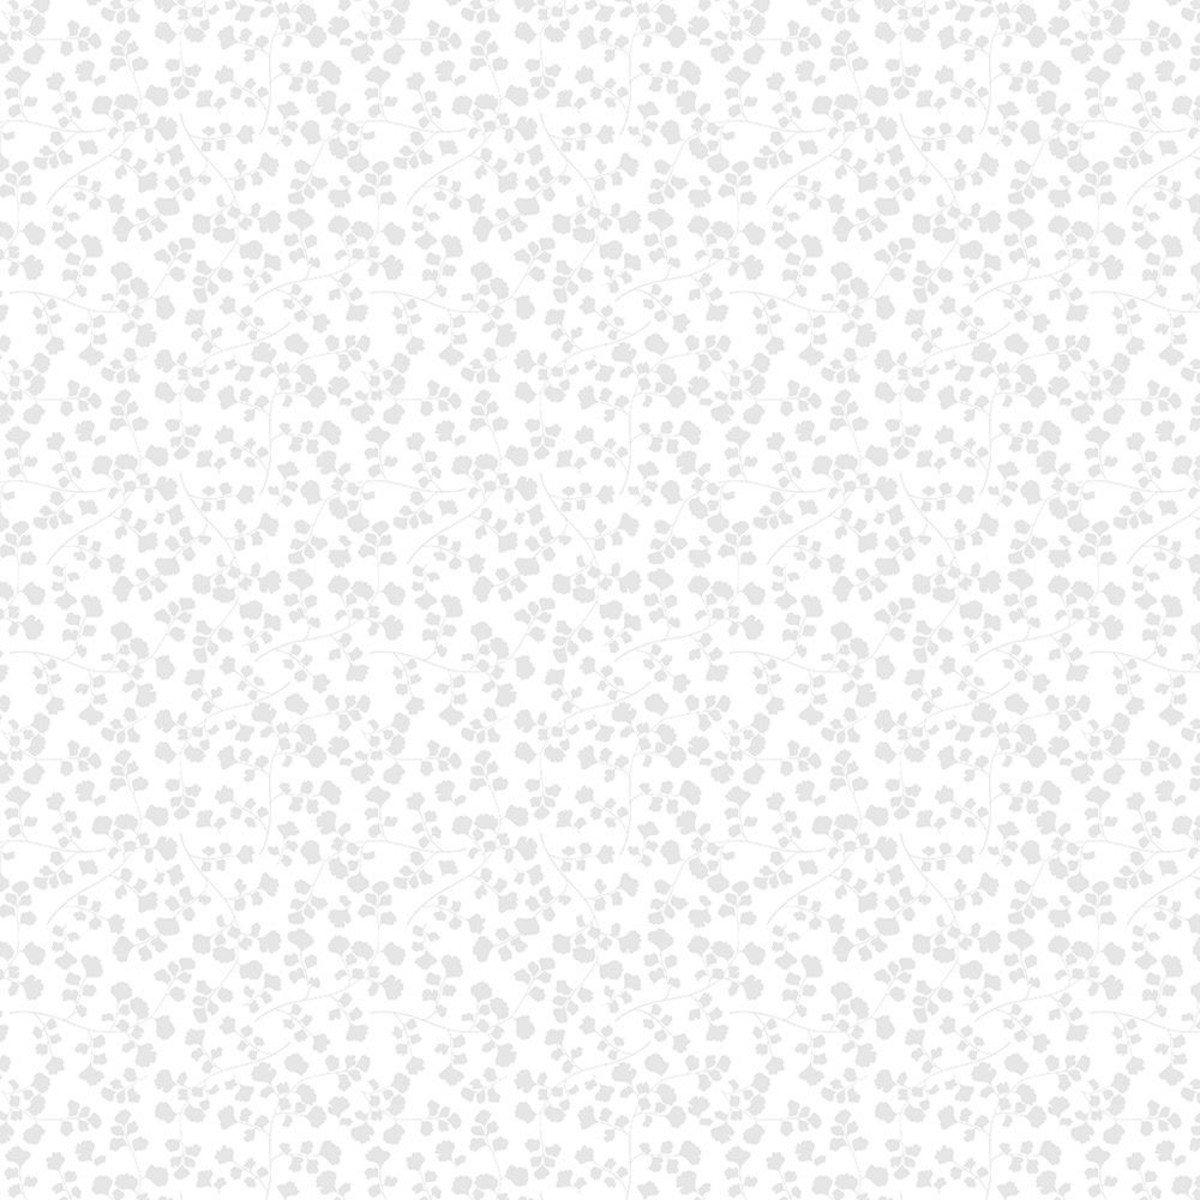 COTTON CLOUDS - MAIDENHAIR FERN WHITE ON WHITE 1817-39137-100